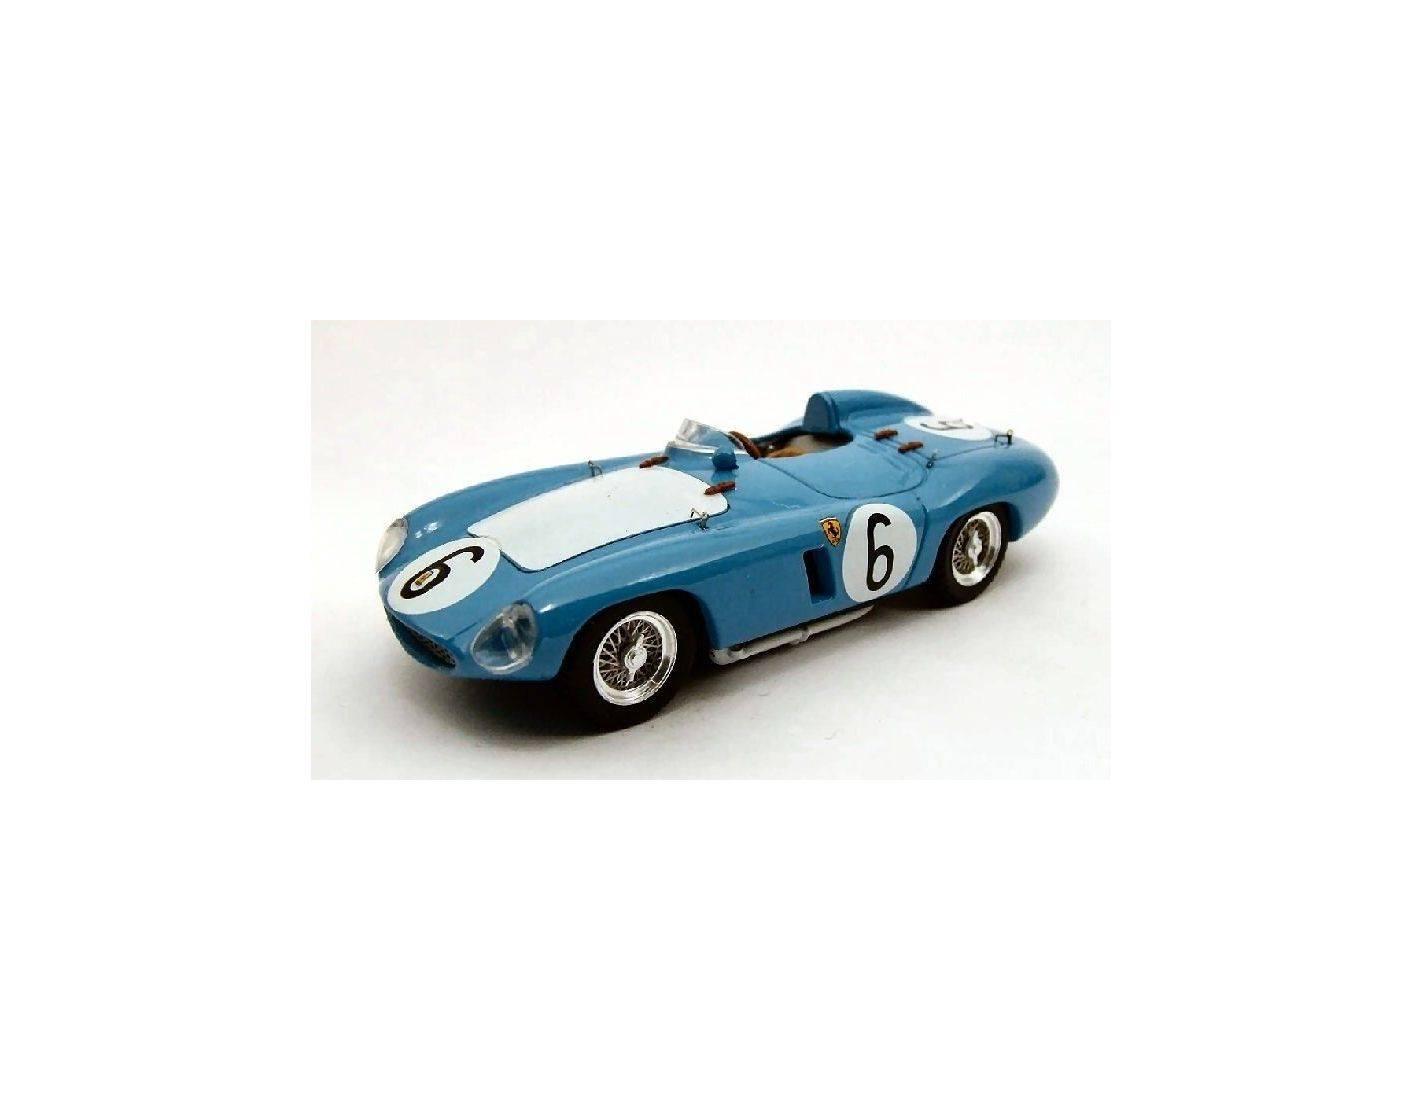 Art Model AM0164 FERRARI 750 MONZA N.6 2nd 1000 KM PARIGI 1956 LUCAS-SCHELL 1:43 Modellino